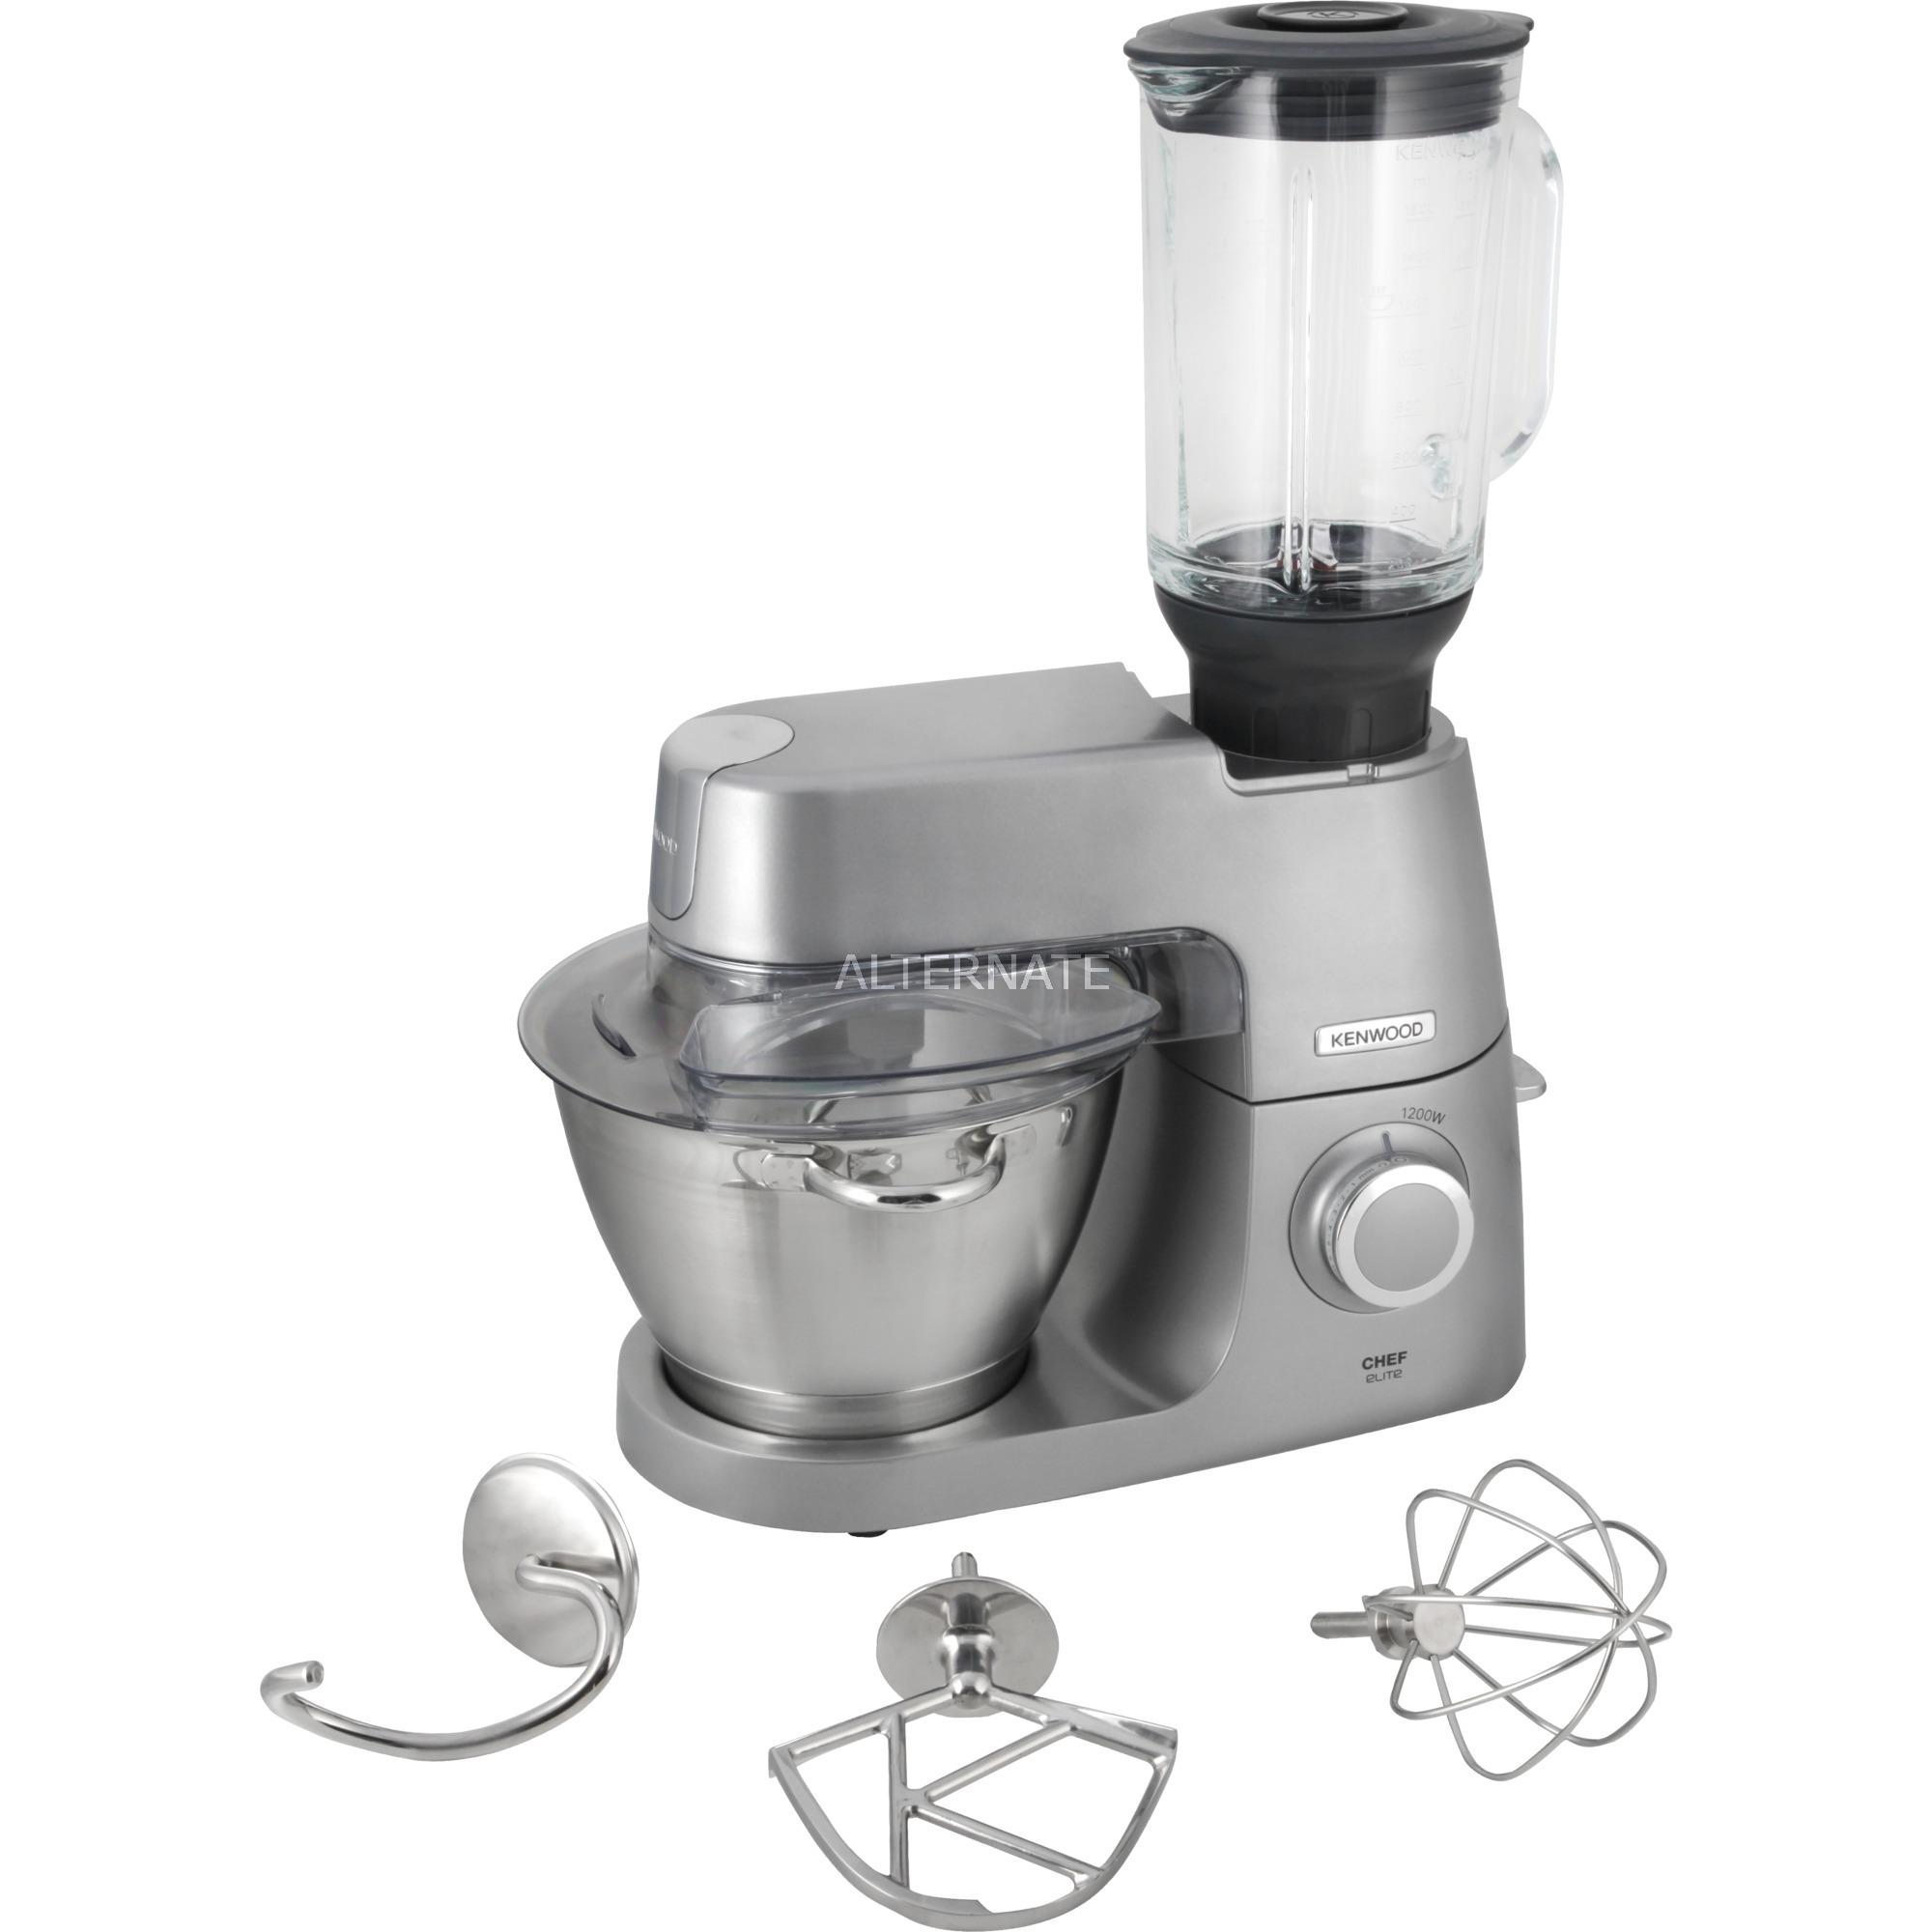 Chef Elite robot de cocina 4,6 L Metálico 1200 W